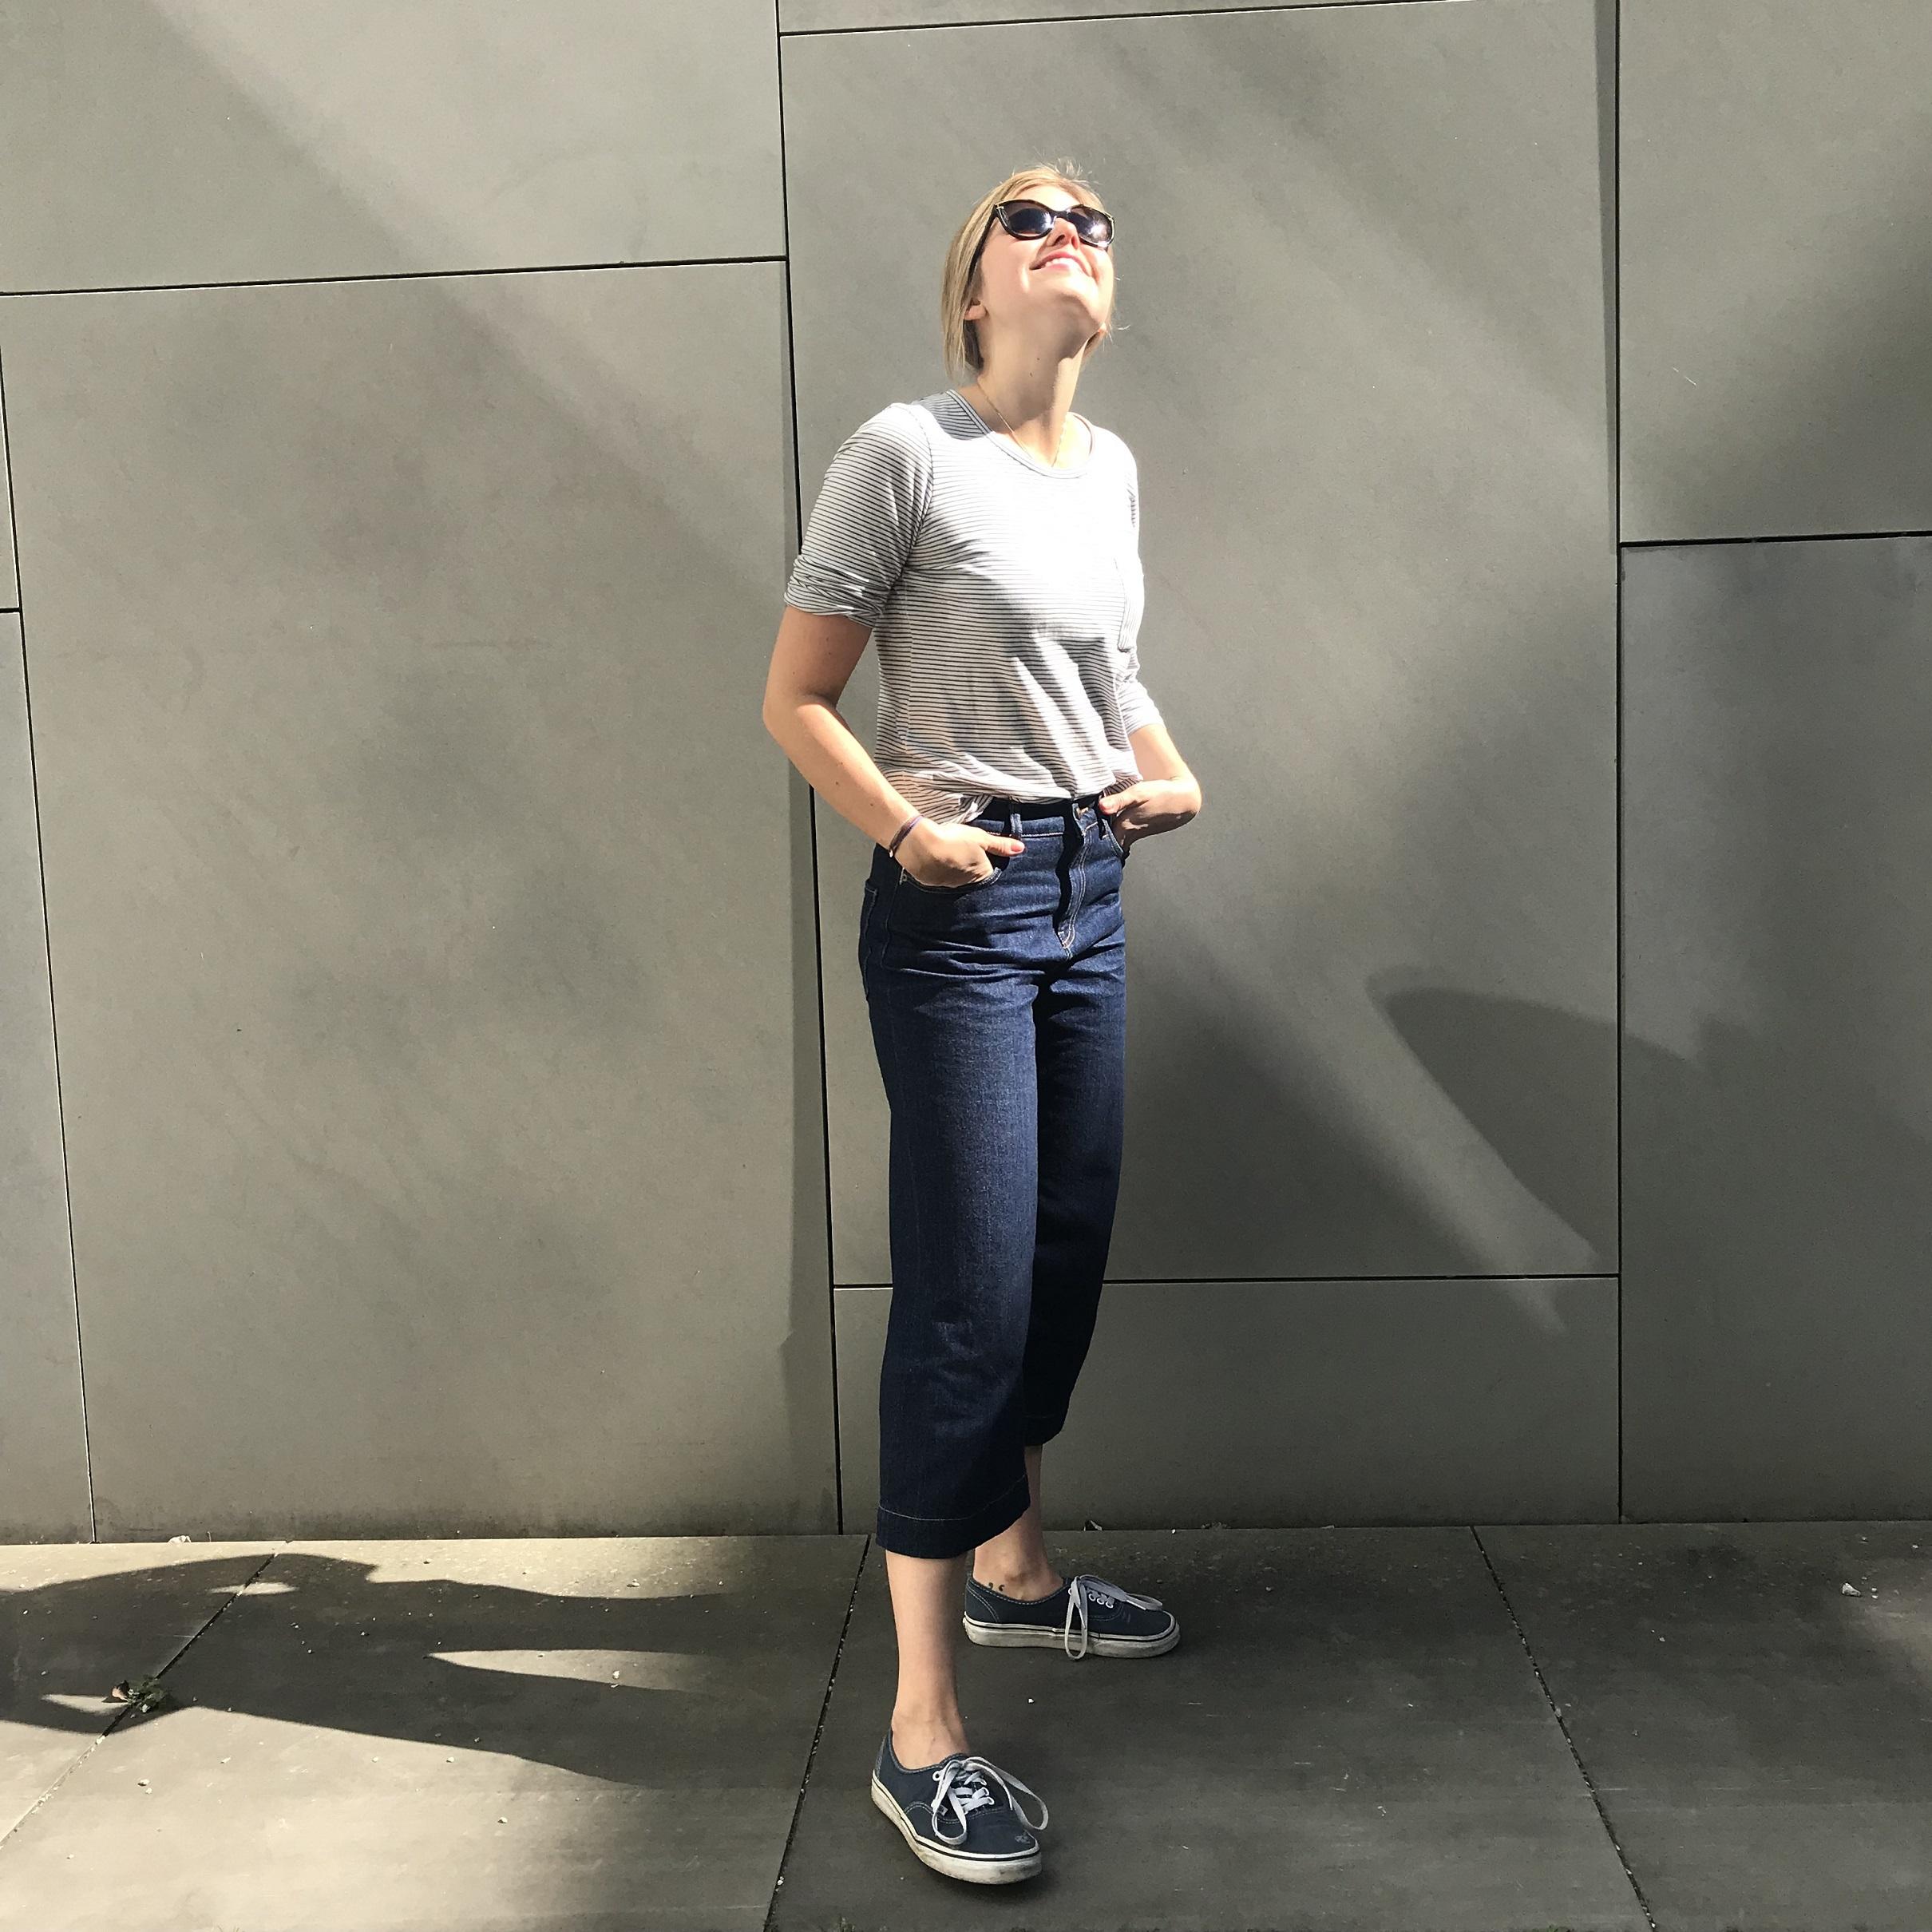 Meine Tipps und Tricks rund ums Kleiderfasten